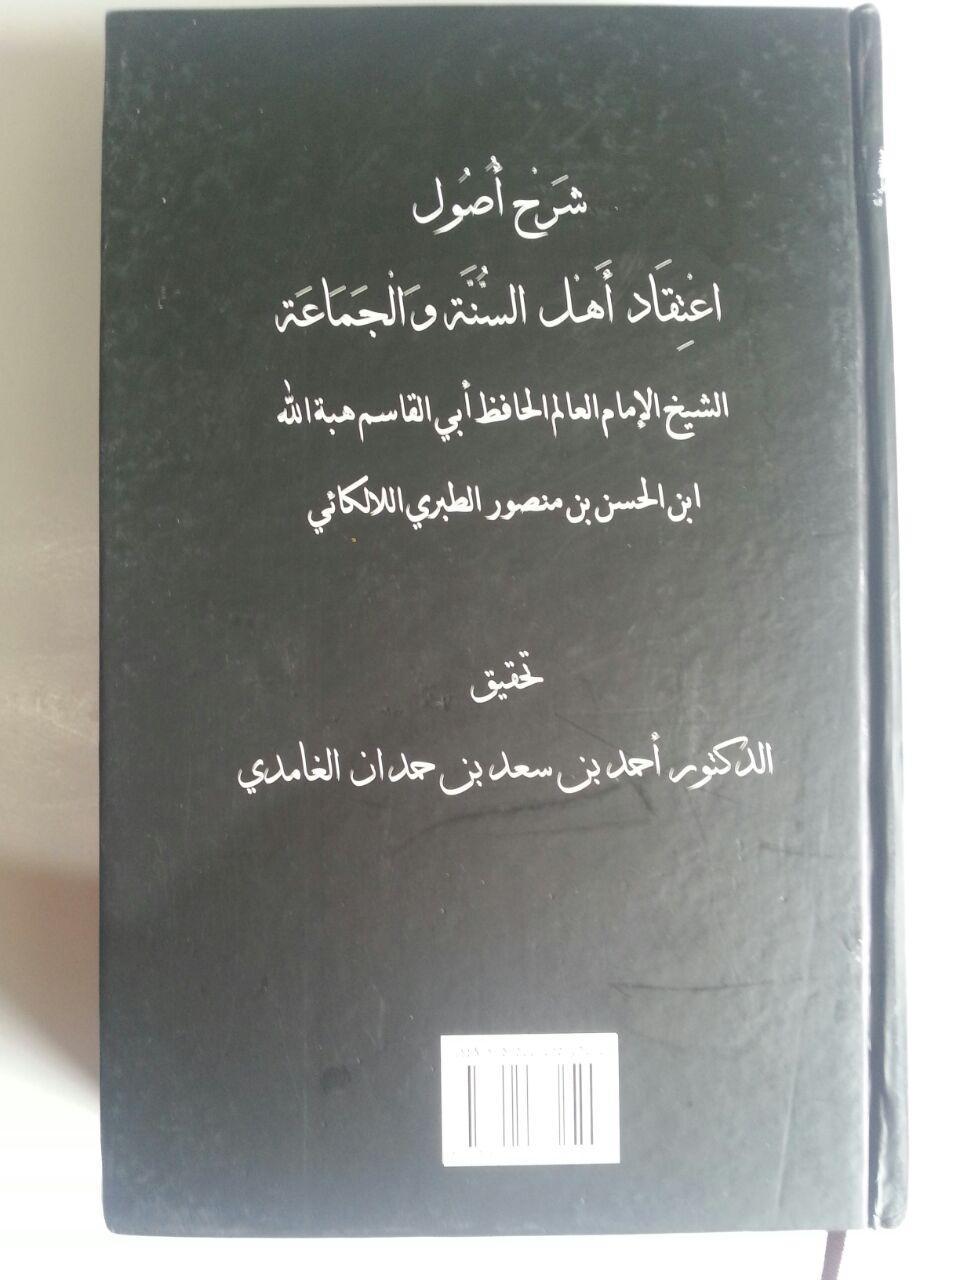 Buku Syarah Ushul I'tiqad Ahlussunnah Wal Jama'ah Set 8 Jilid 1 isi 4